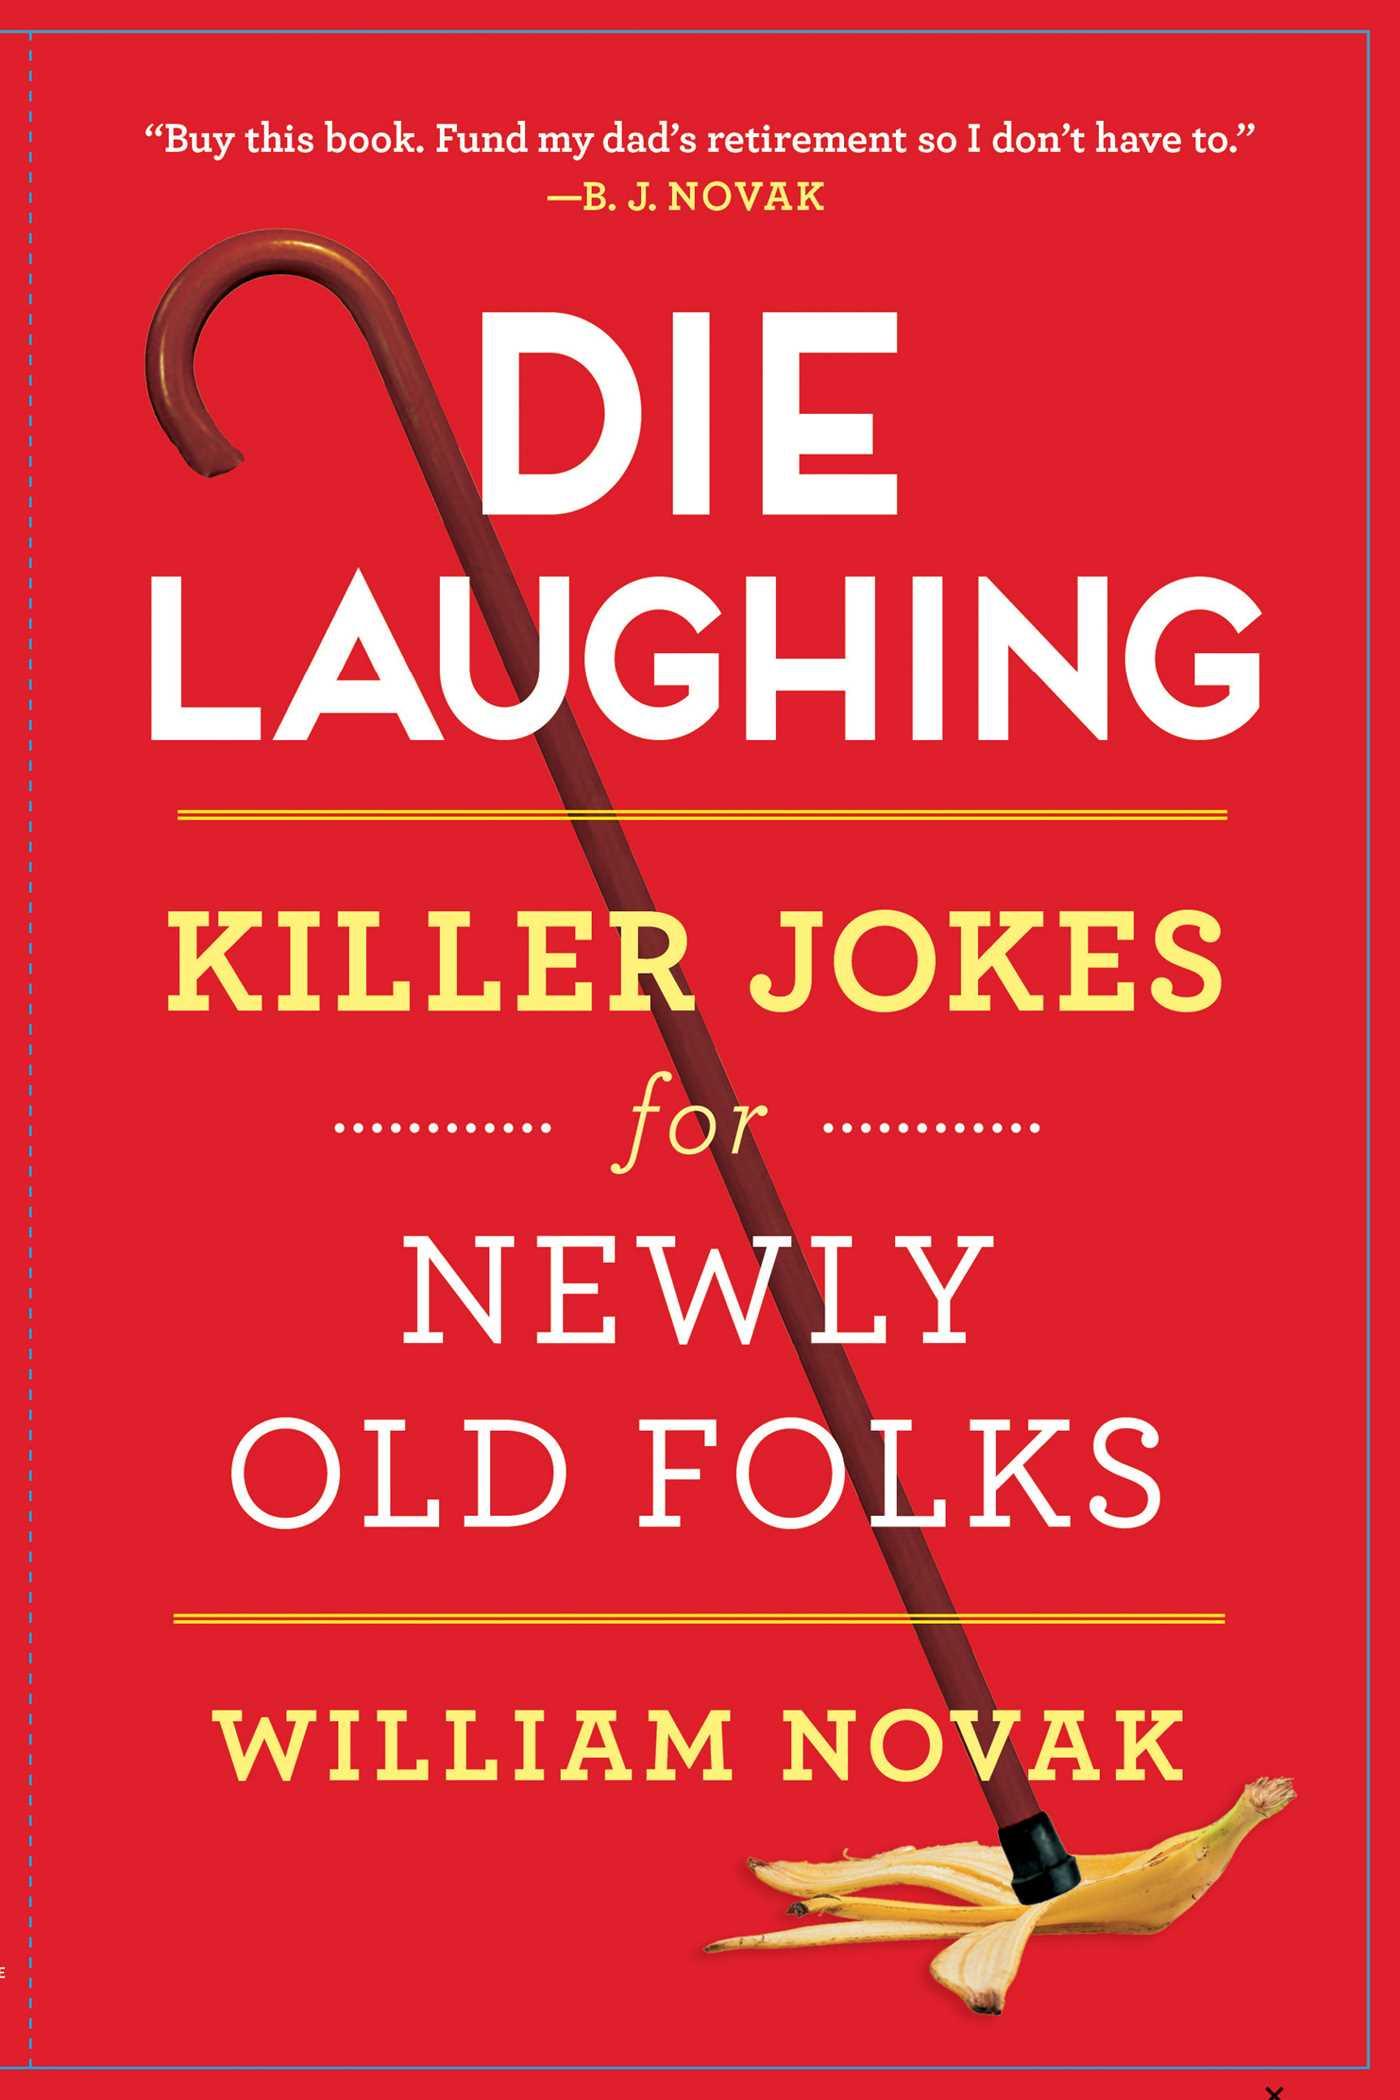 Die laughing 9781501150814 hr